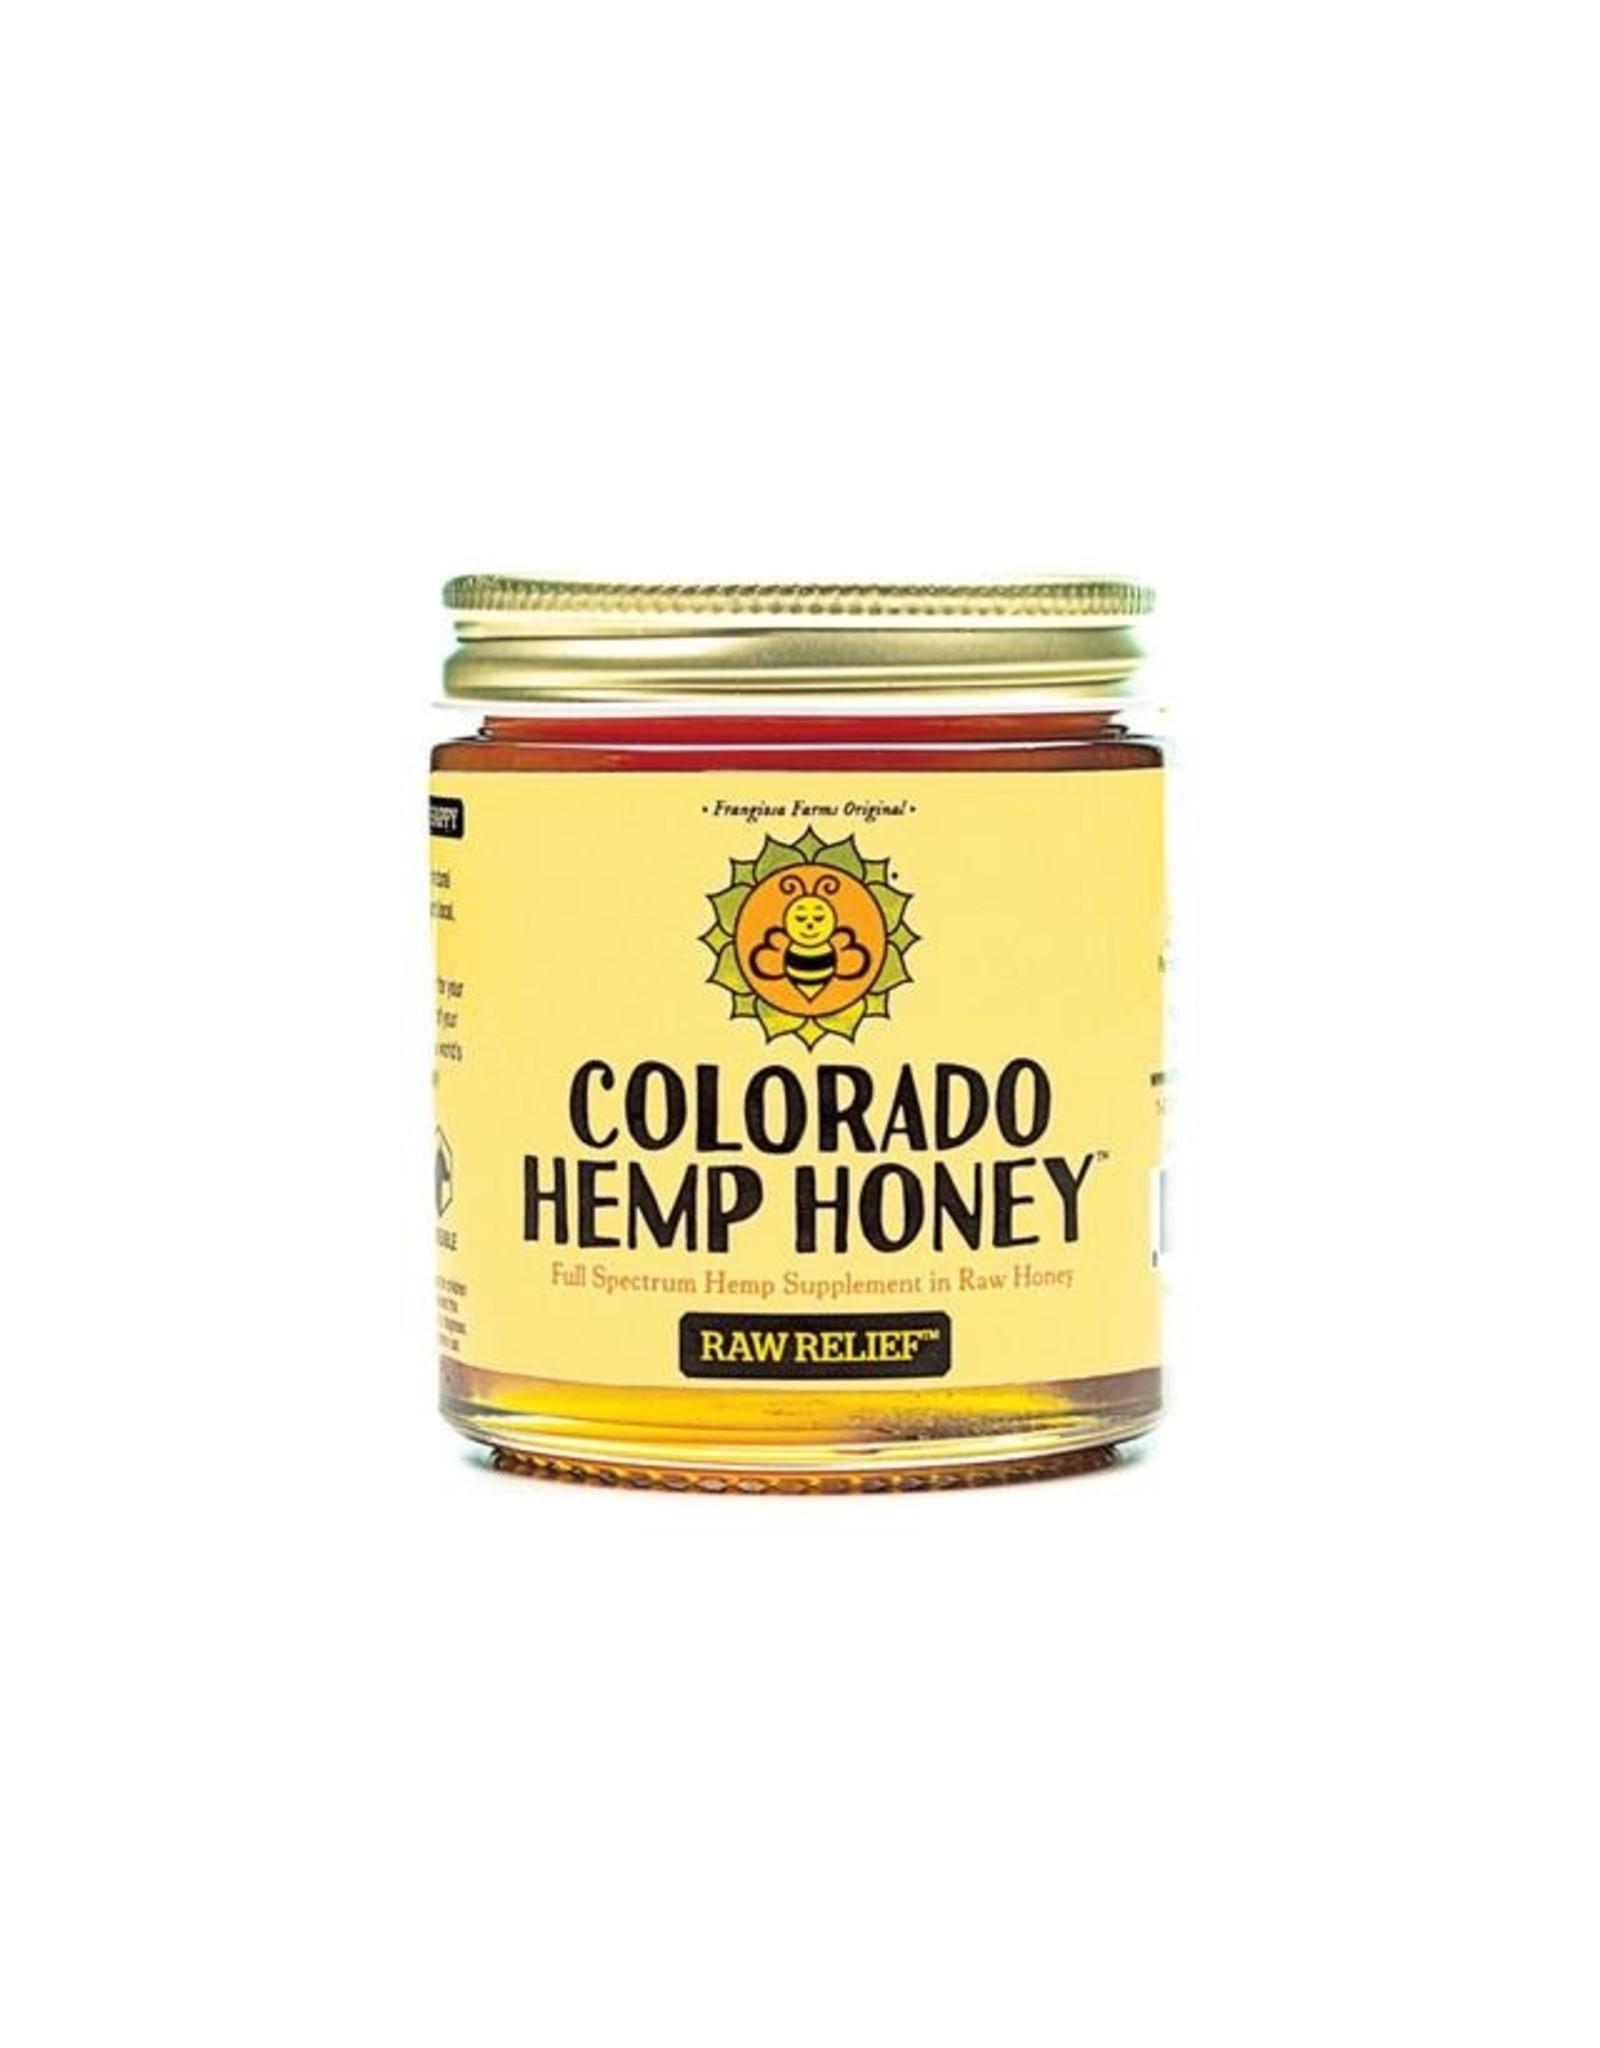 Colorado Hemp Honey Colorado Hemp Honey 6oz